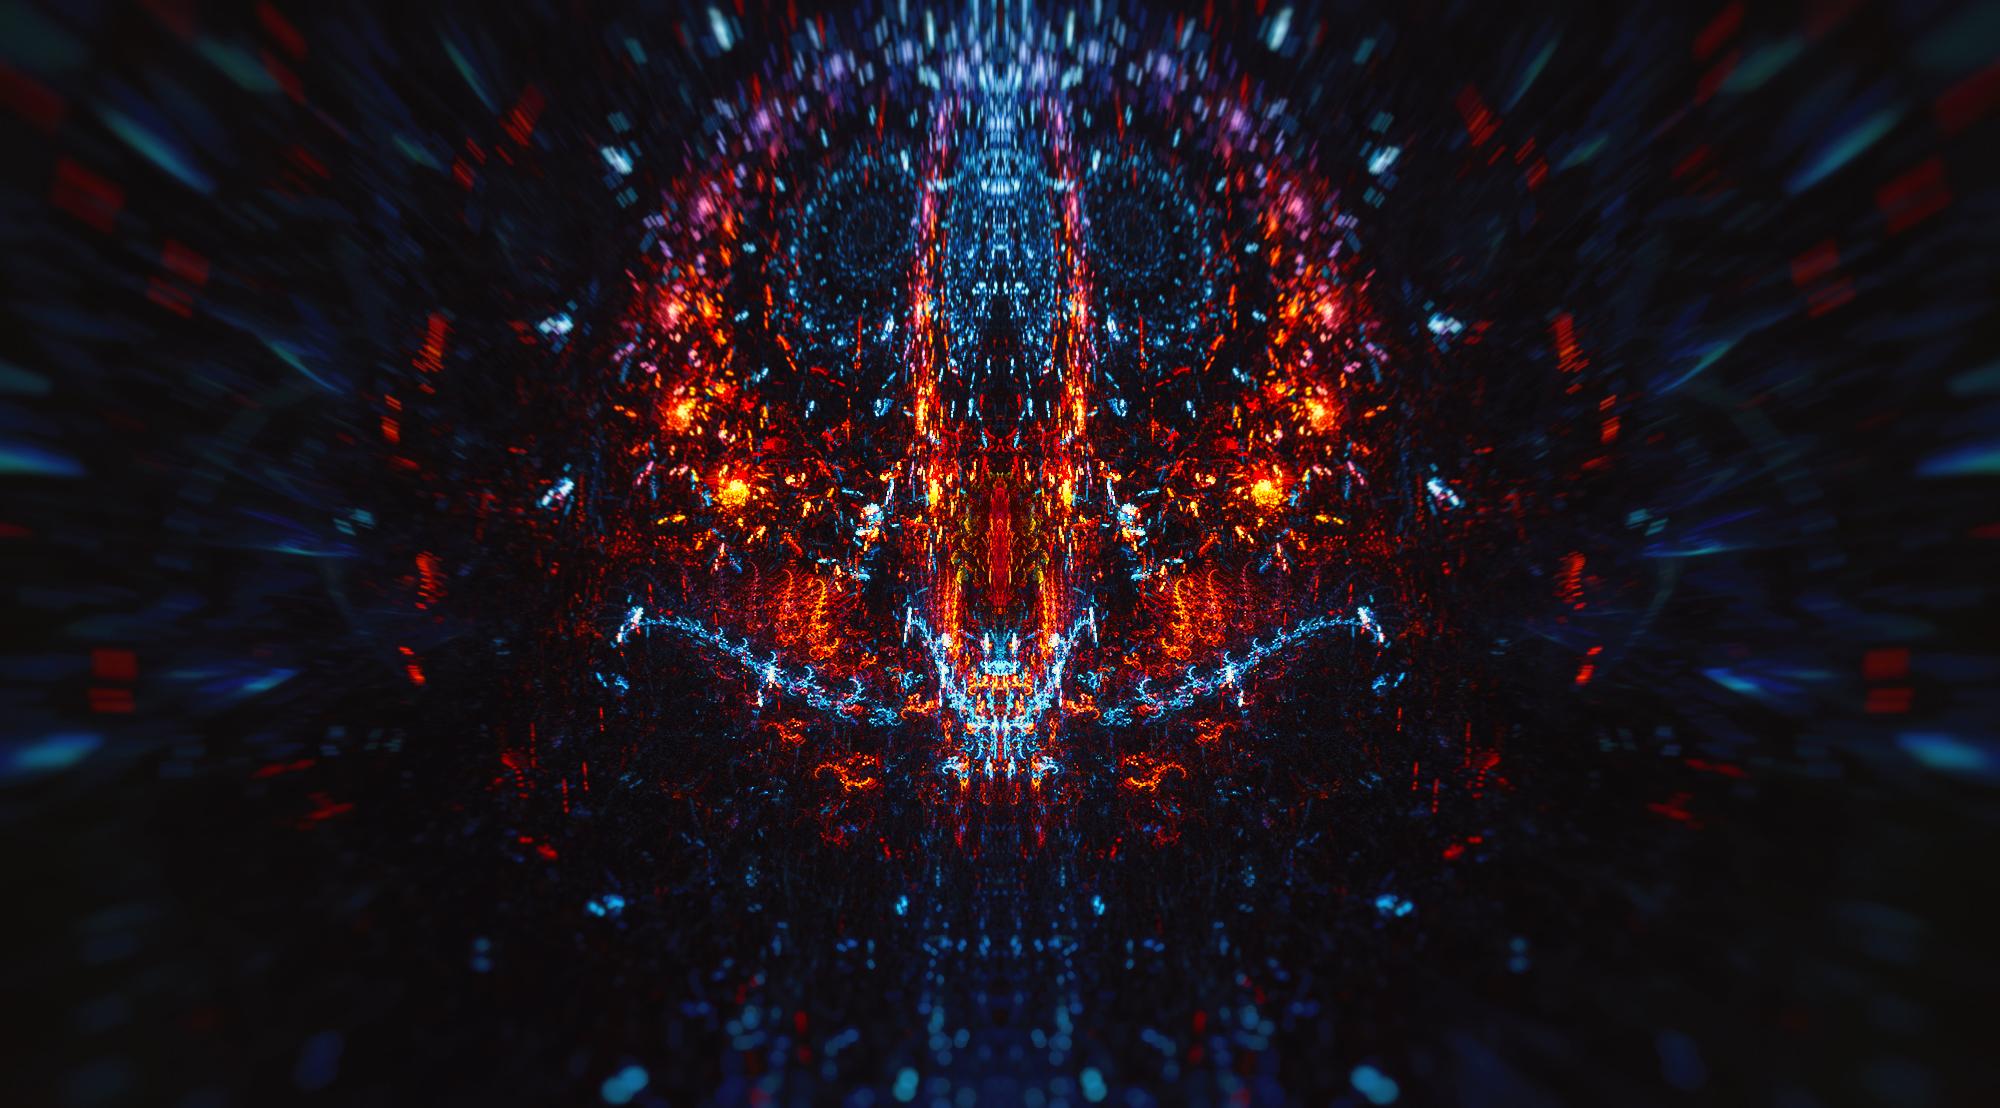 ALIEN_01 by Masteroflemon